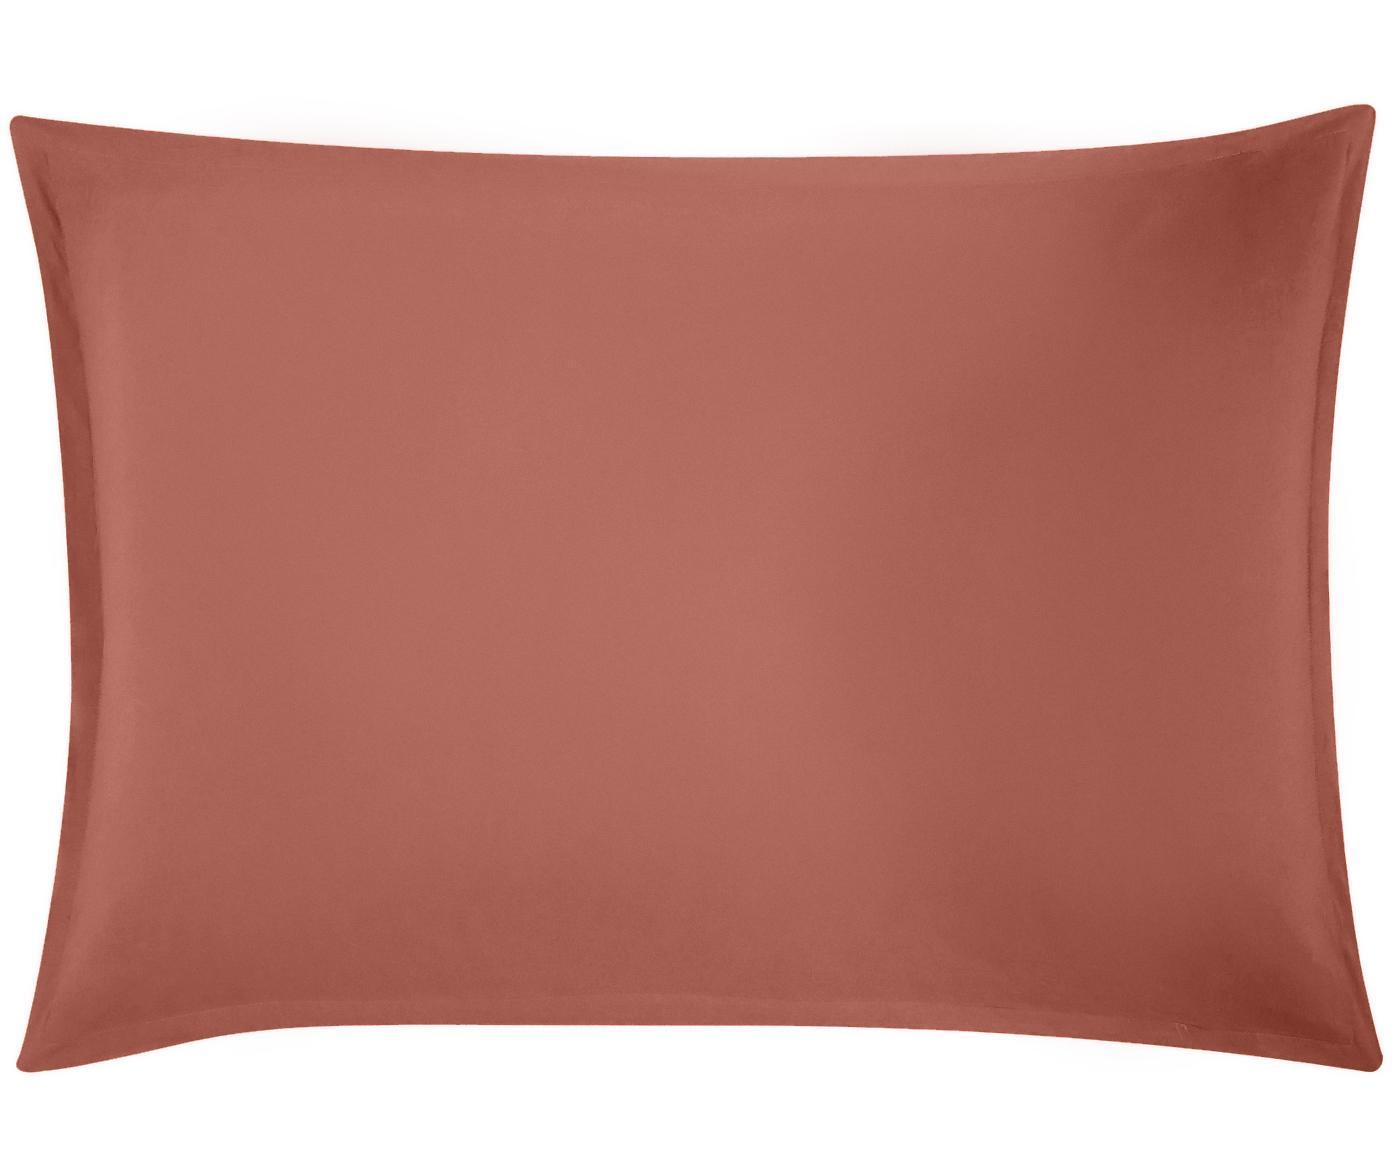 Funda de almohada de lino Nature, 52%lino, 48%algodón Con efecto Stonewash para una sensación más suave, Terracota, An 50 x L 70 cm